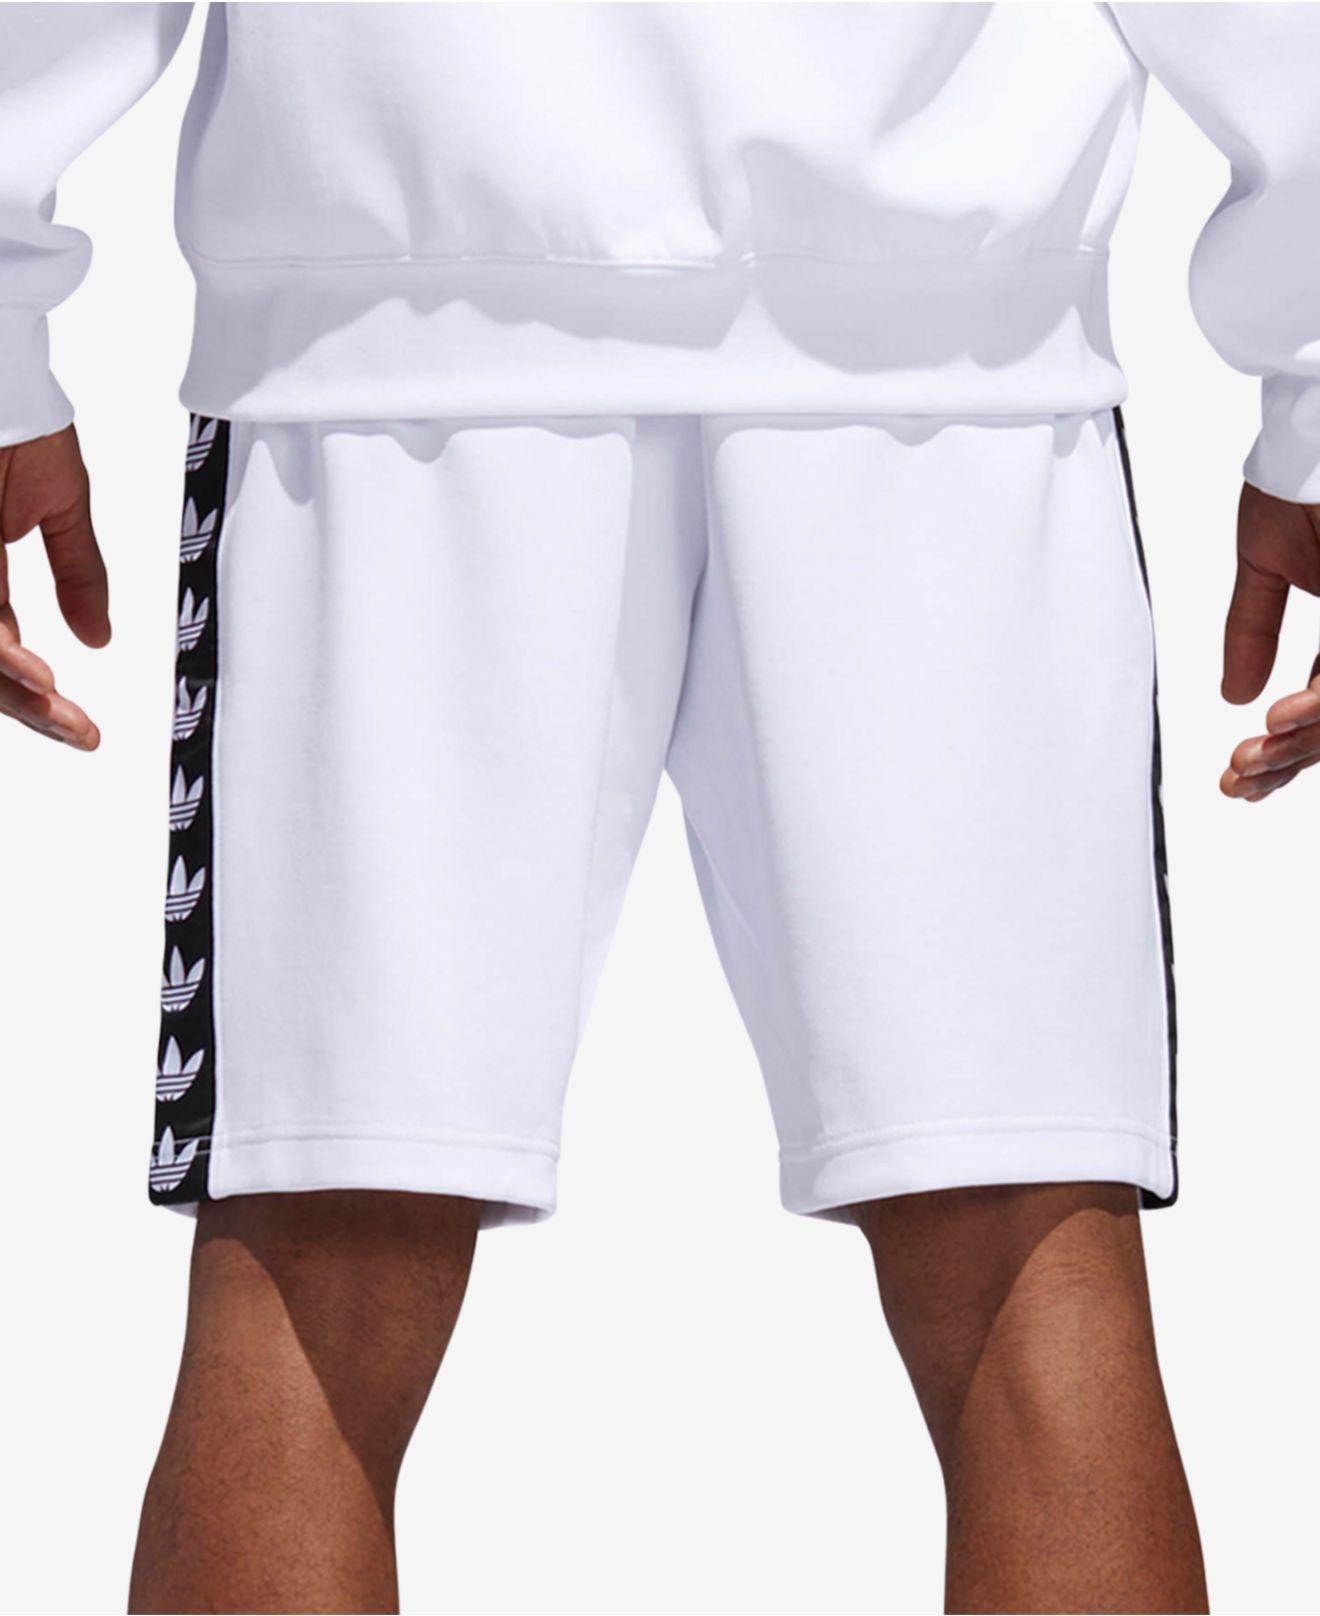 90ecac82eca1 Lyst - adidas Originals Tnt Shorts in White for Men